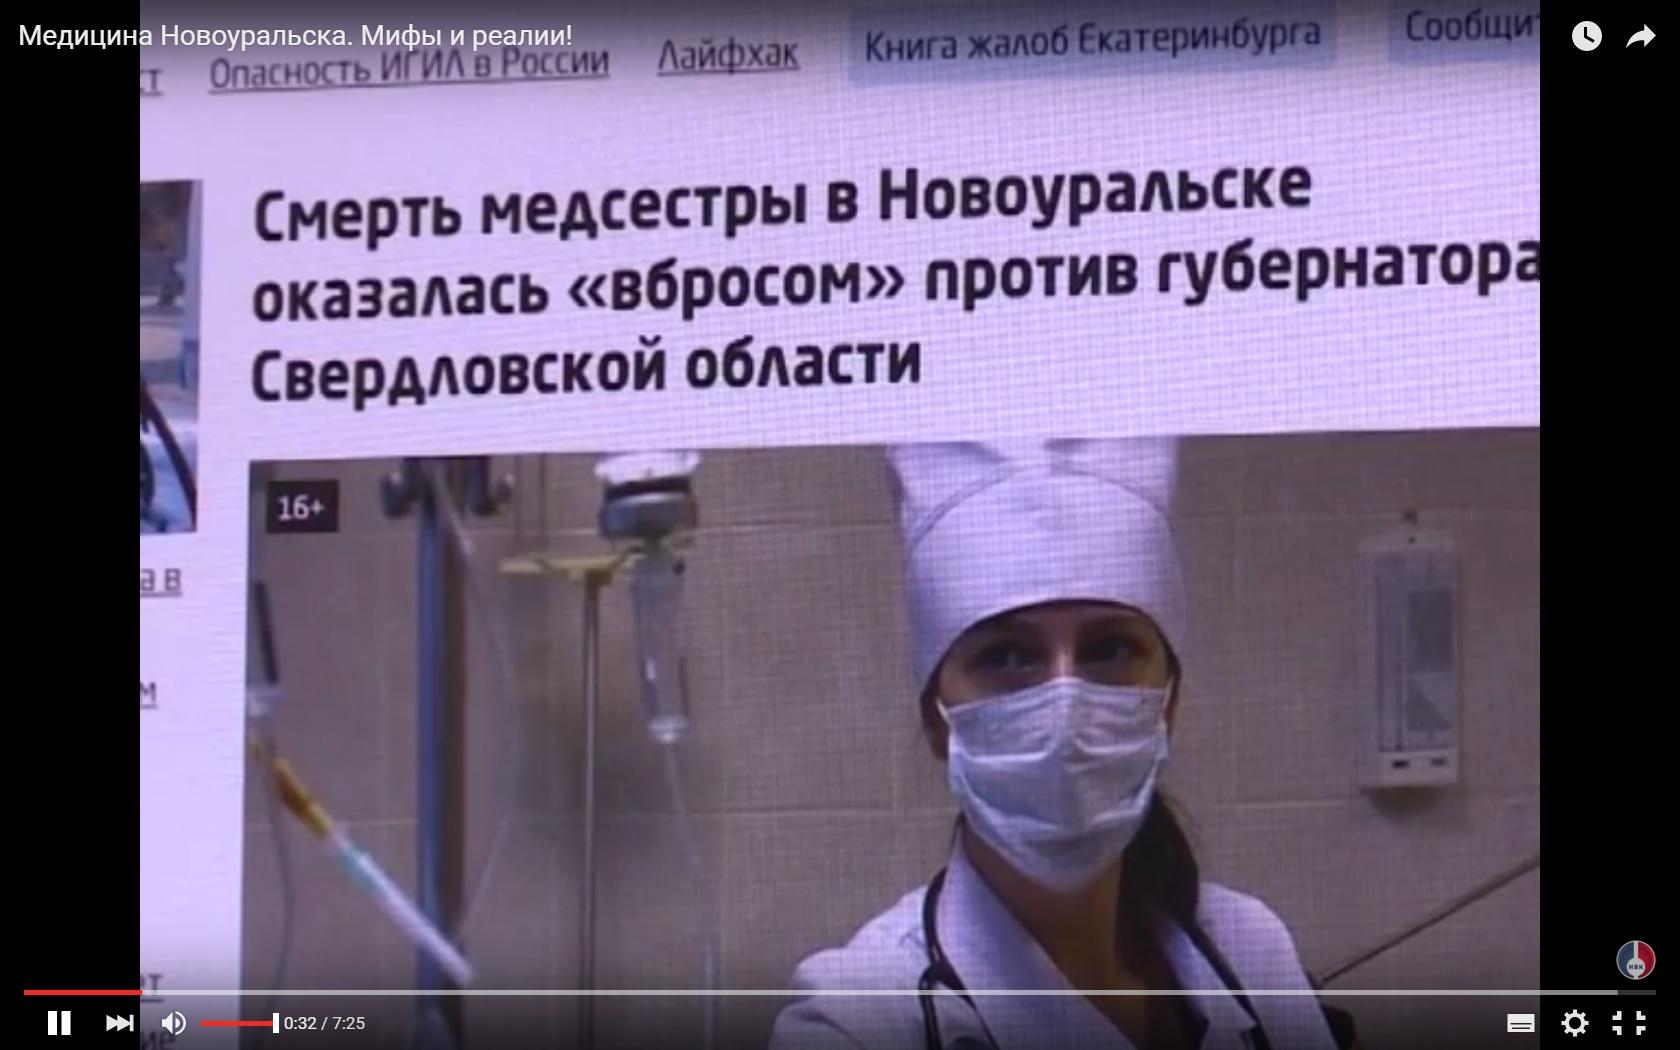 Медицина Новоуральска. Мифы и реалии!